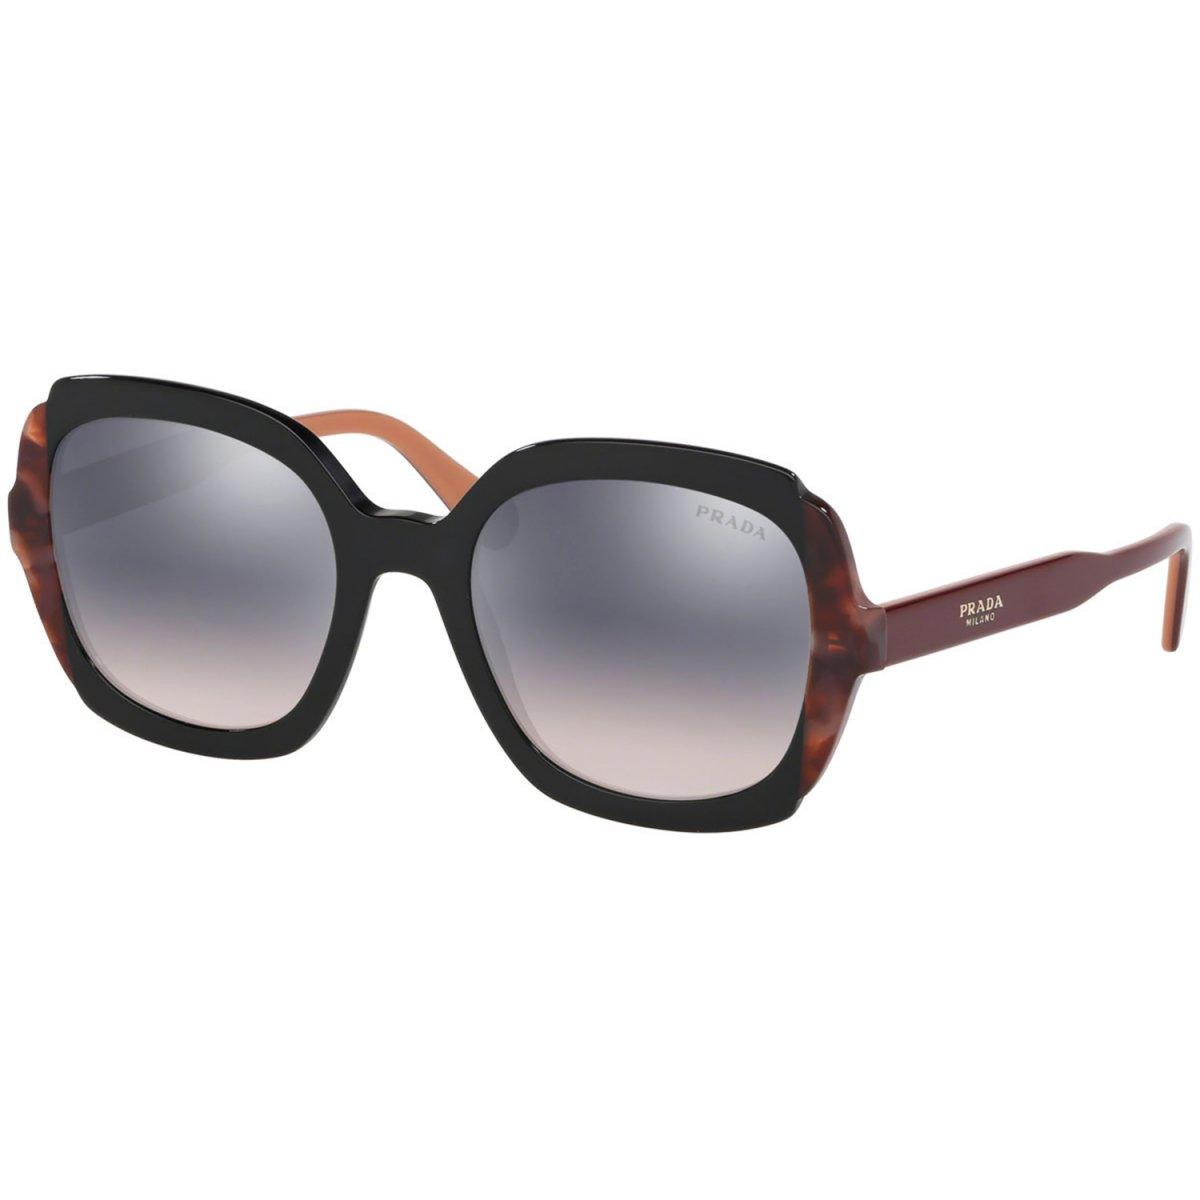 24263768c Óculos de Sol Feminino Prada | Óculos de Sol Prada PR16US-495GR0 54